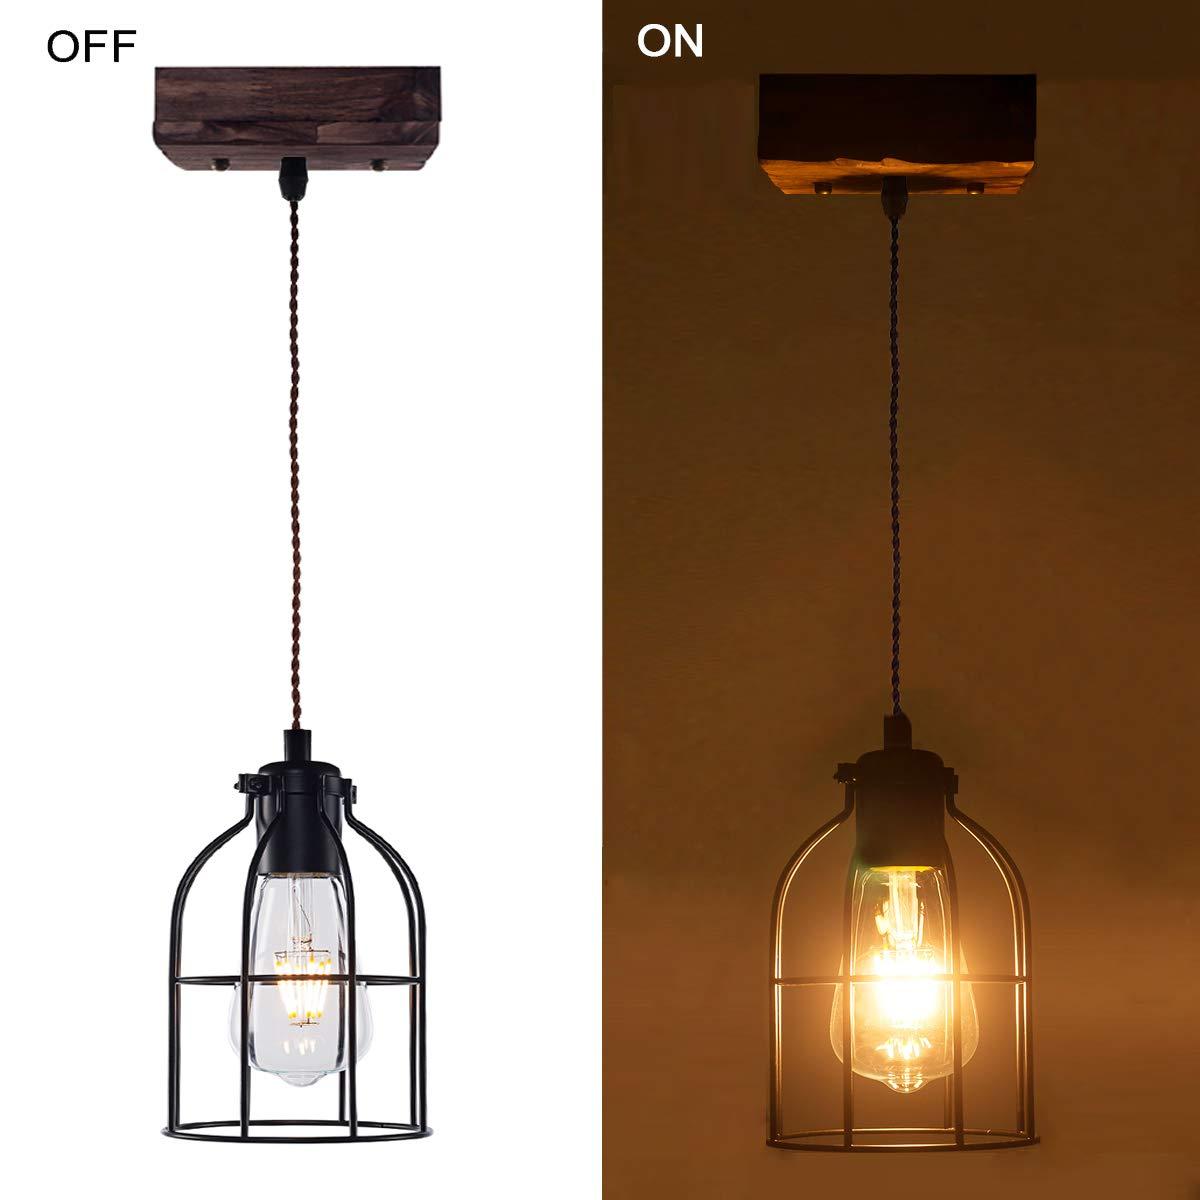 Amazon.com: YaQi Lighting - Lámpara de techo y colgante ...